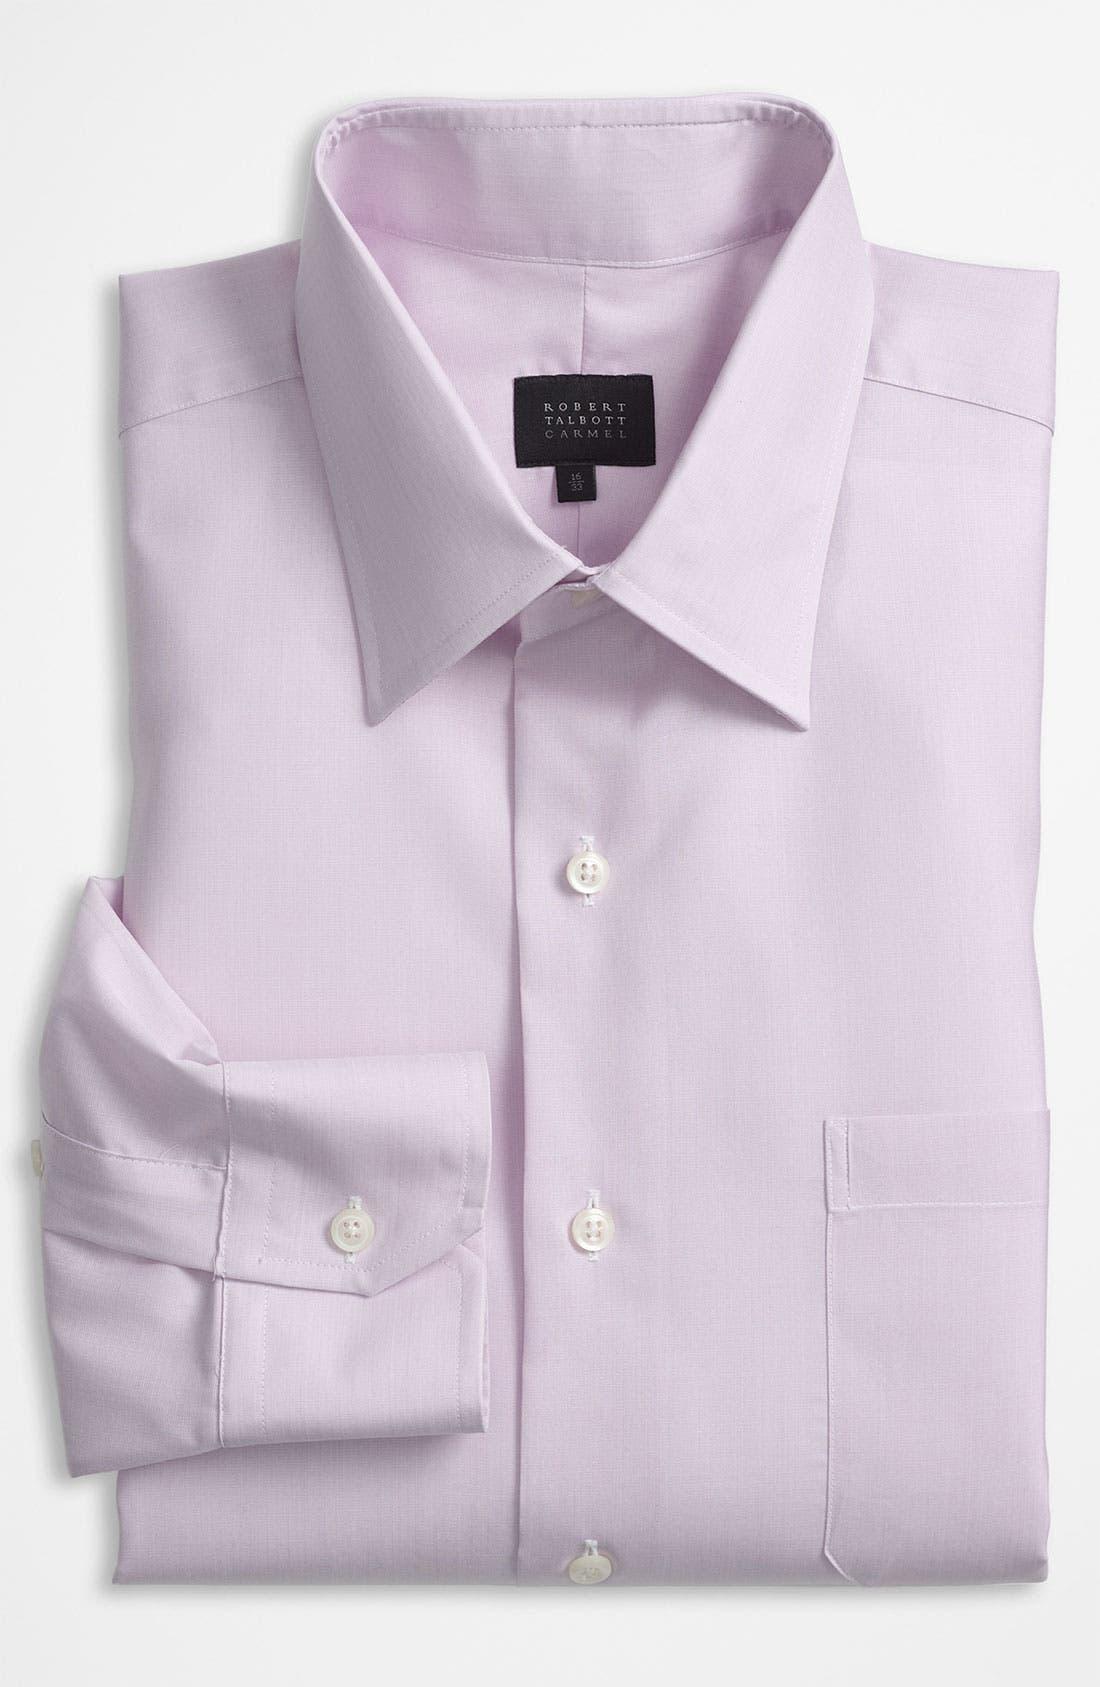 Main Image - Robert Talbott Regular Fit Dress Shirt